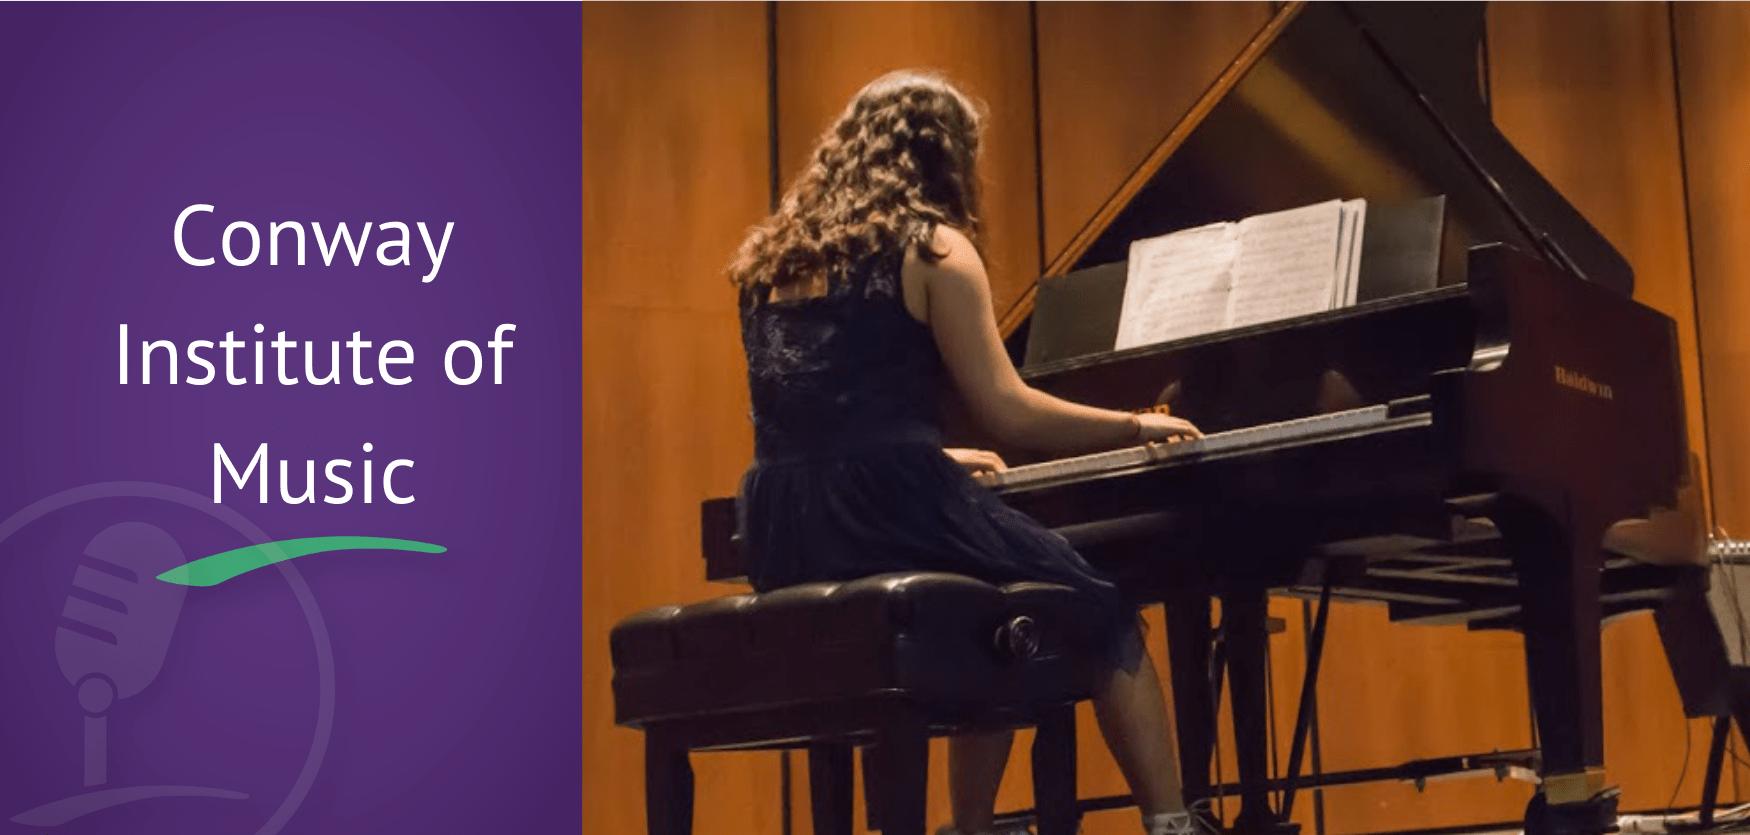 Conway Institute of Music